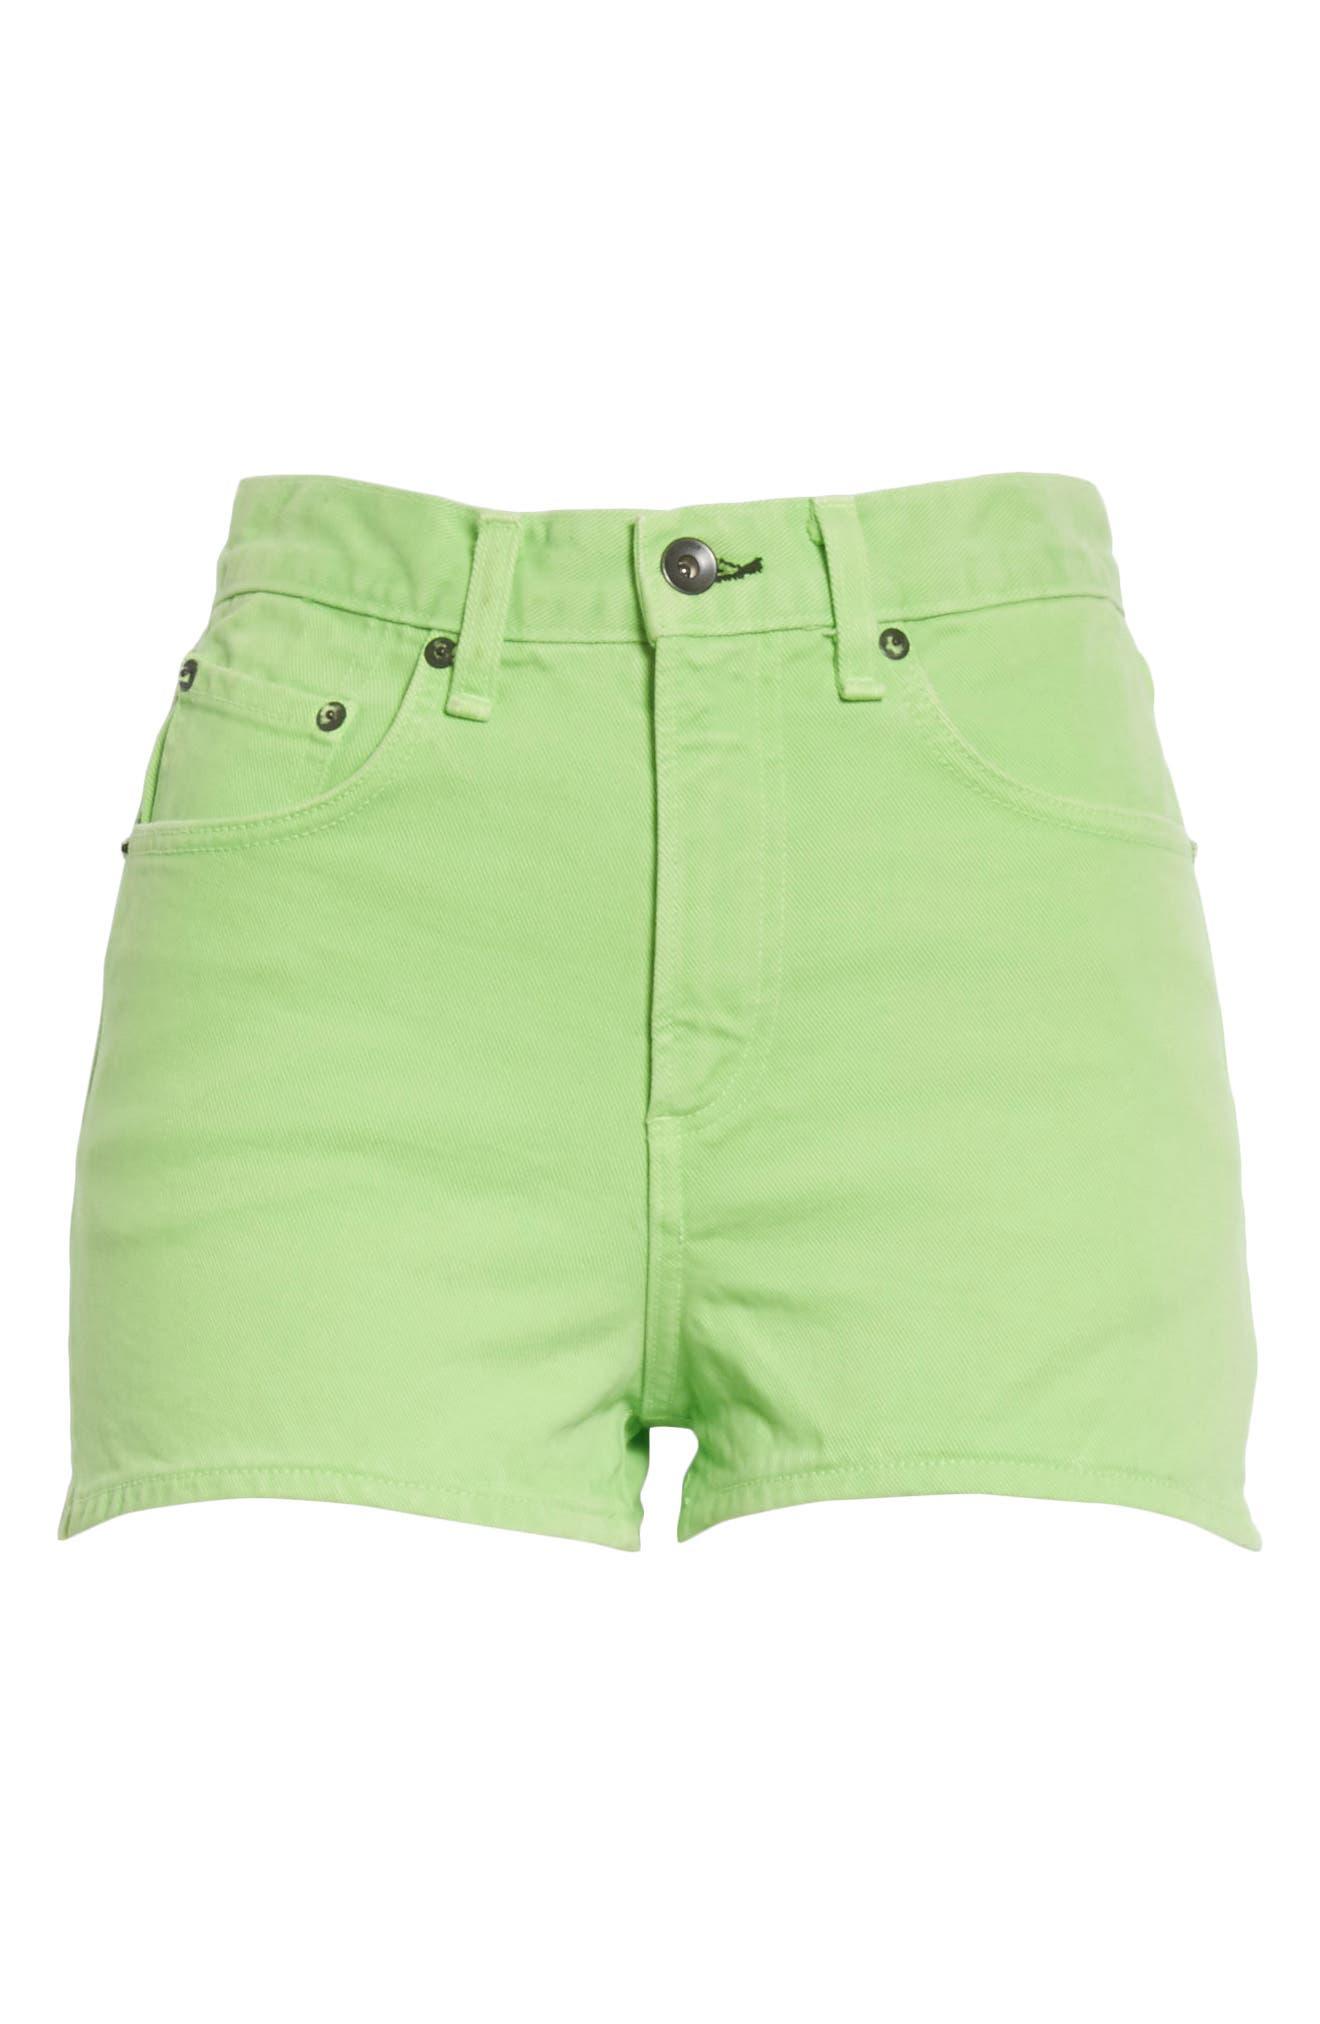 Justine High Waist Denim Shorts,                             Alternate thumbnail 6, color,                             371